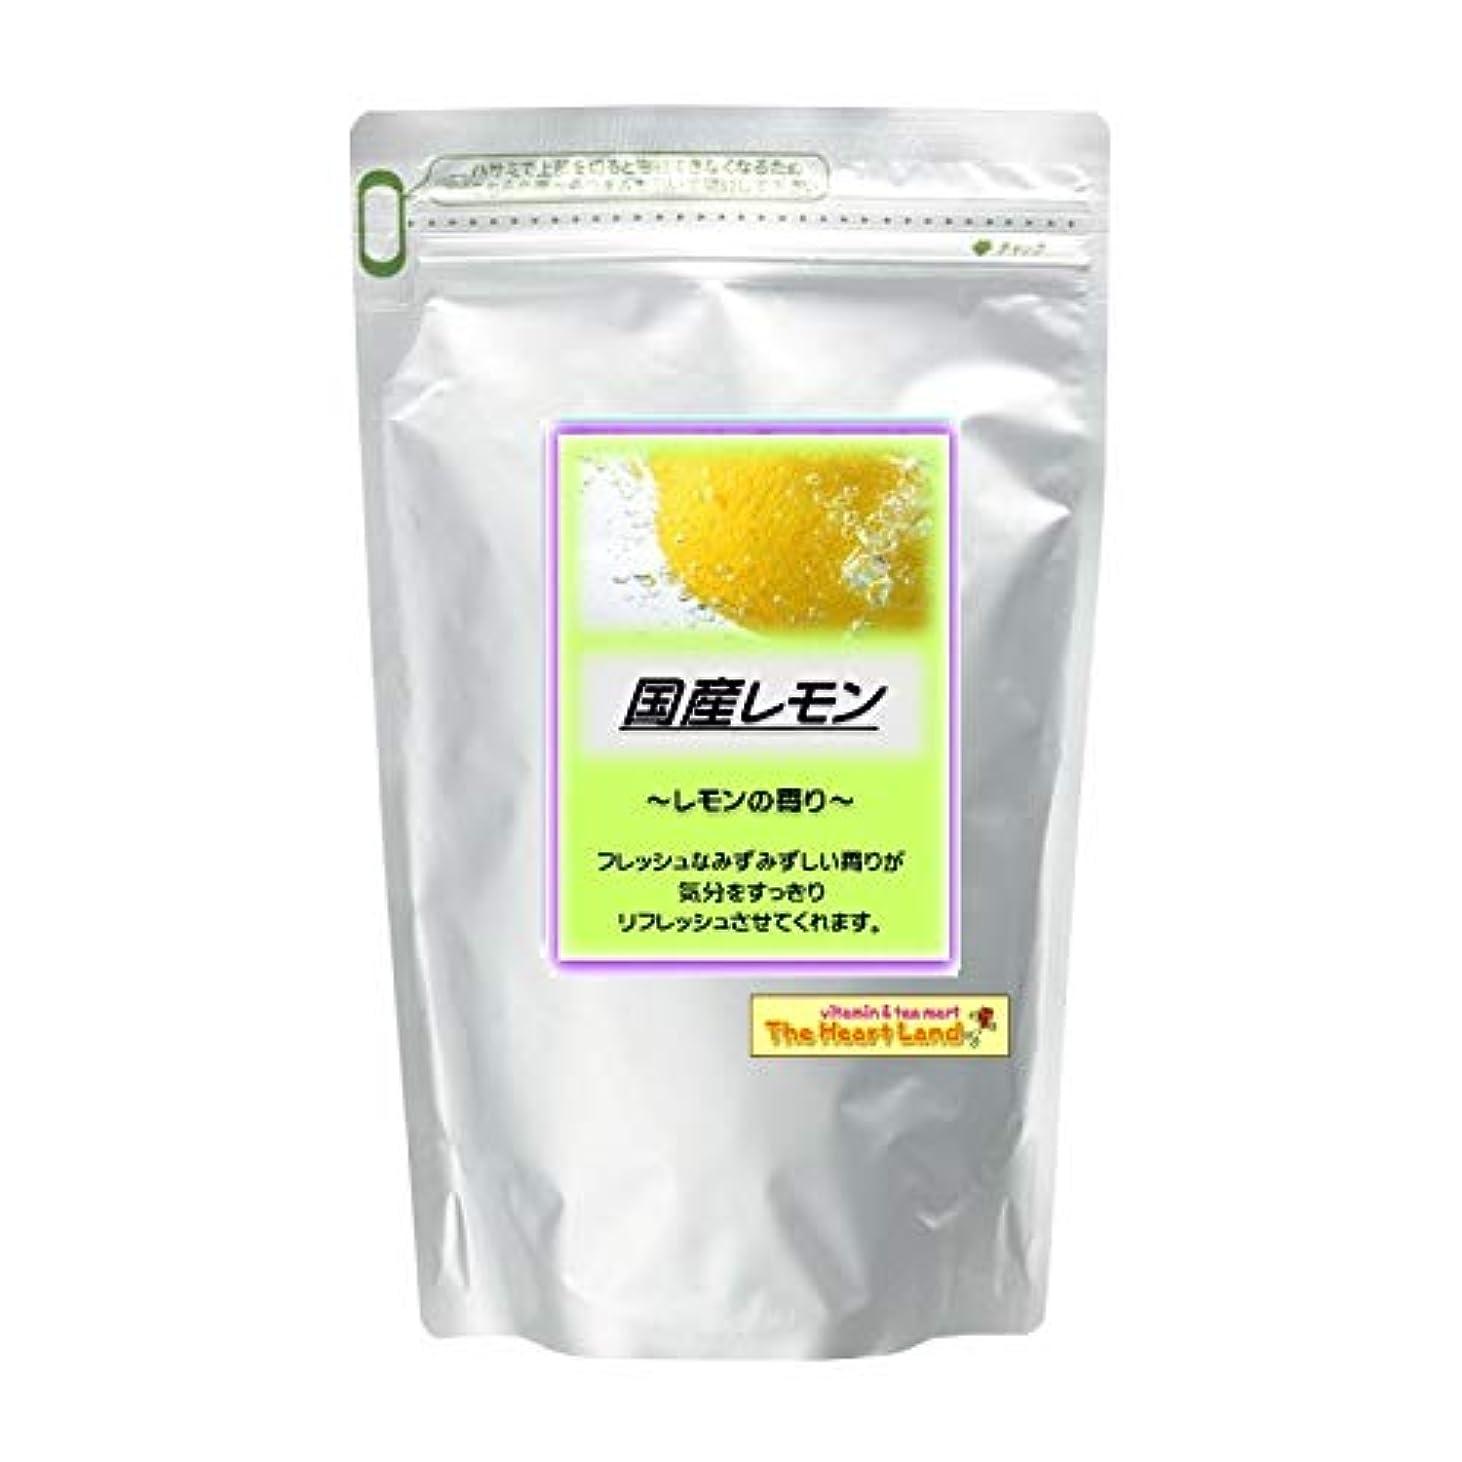 管理する分解する謙虚アサヒ入浴剤 浴用入浴化粧品 国産レモン 300g